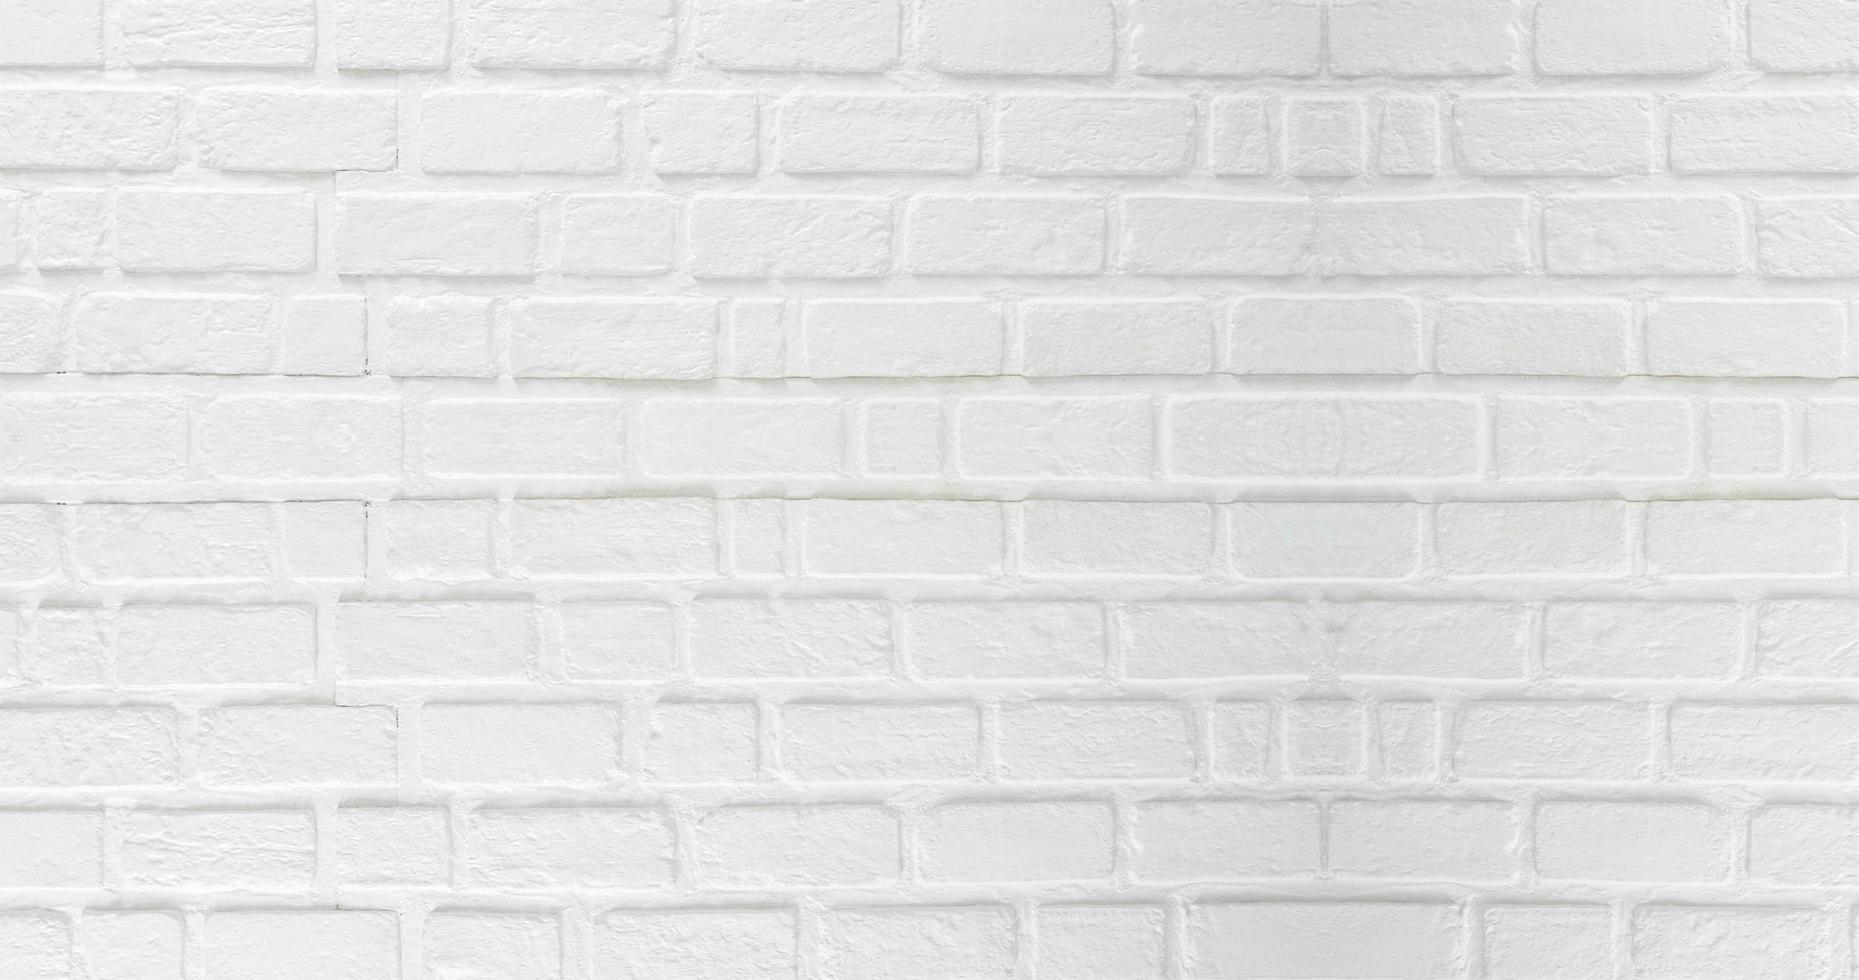 texturerad vit betongvägg för bakgrund foto